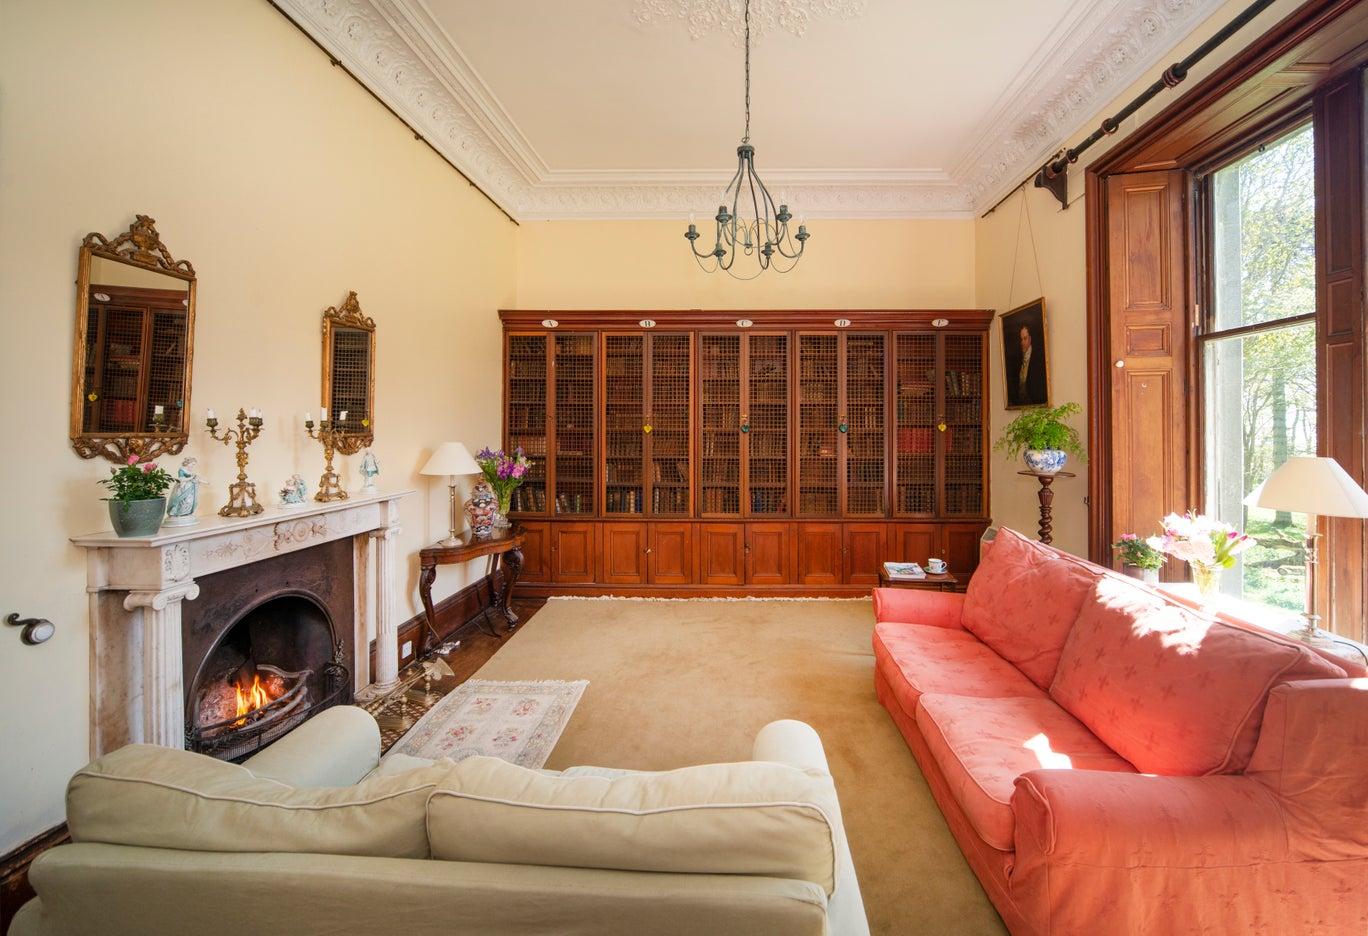 Продам старинный замок Килберри по цене ниже стоимости квартиры Kilberry Castle 2